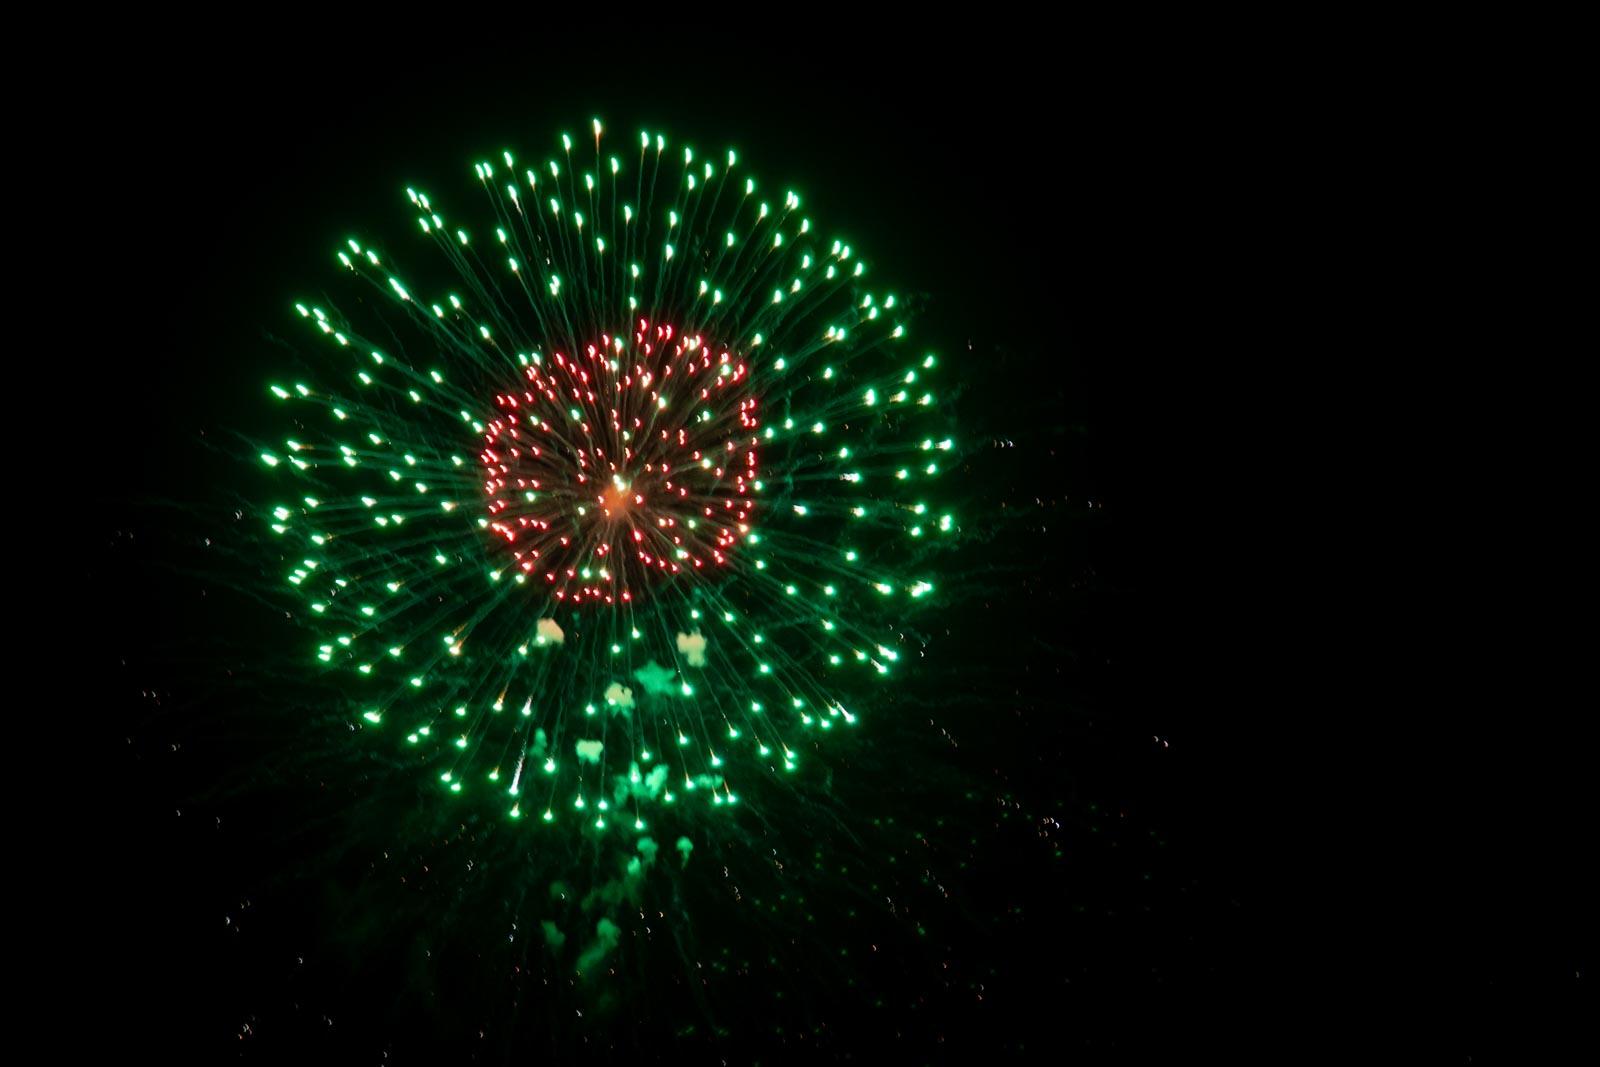 Vuurwerkfoto met een korte sluitertijd